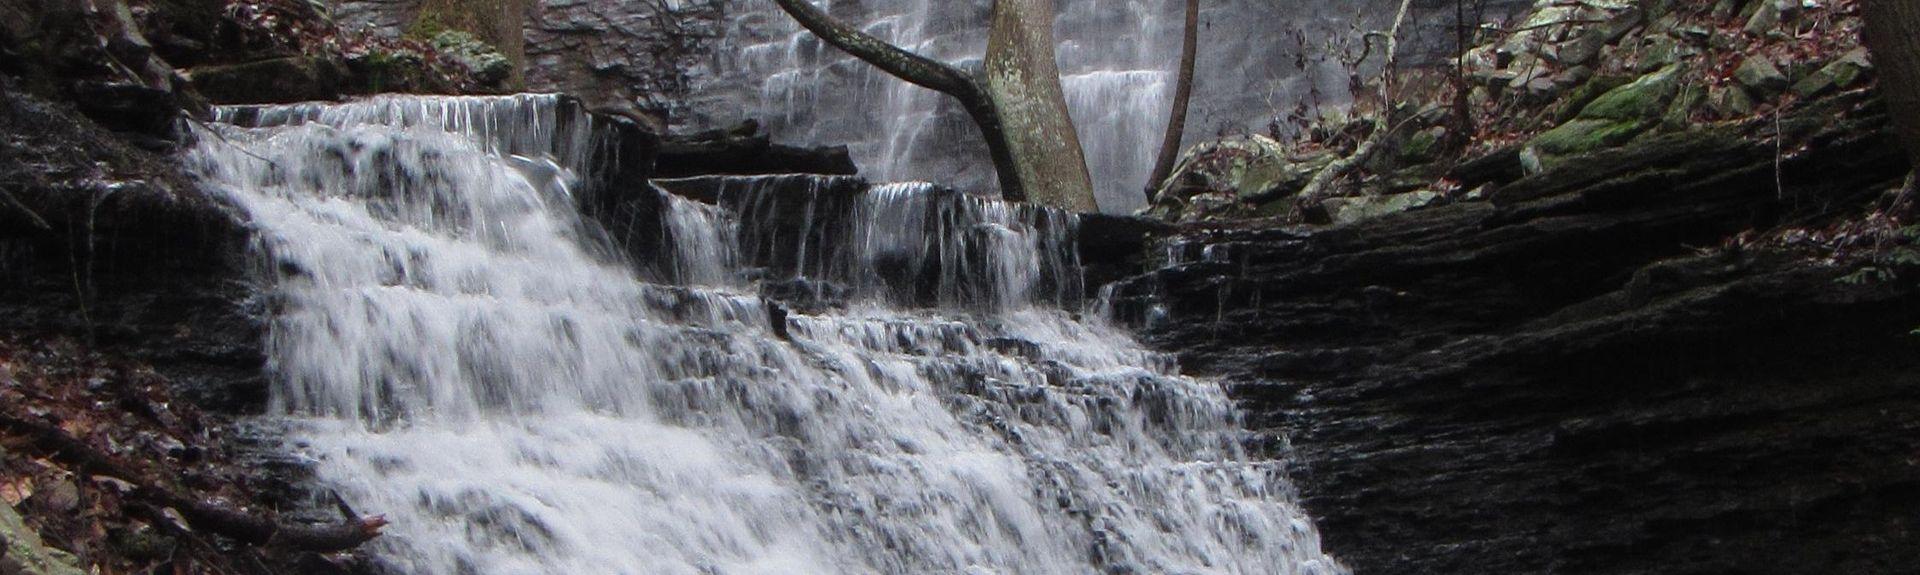 Beersheba Springs, Tennessee, Estados Unidos